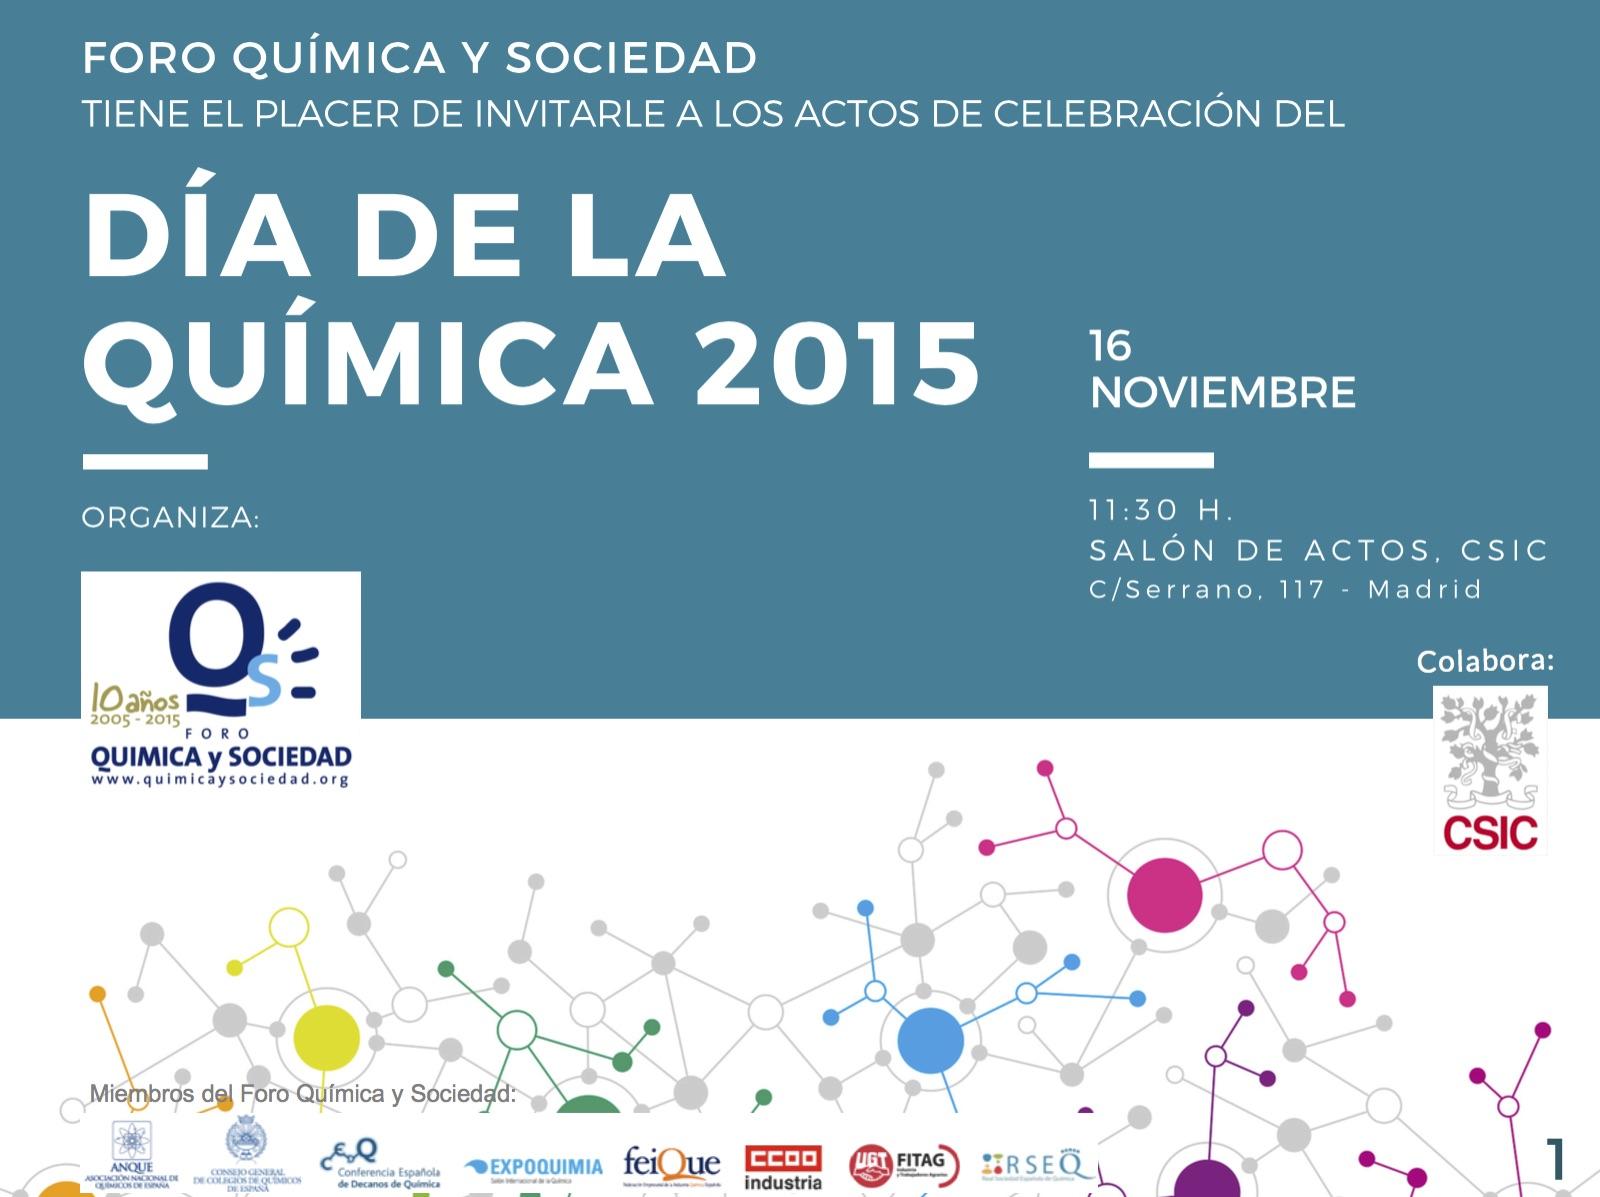 Día de la química 2015